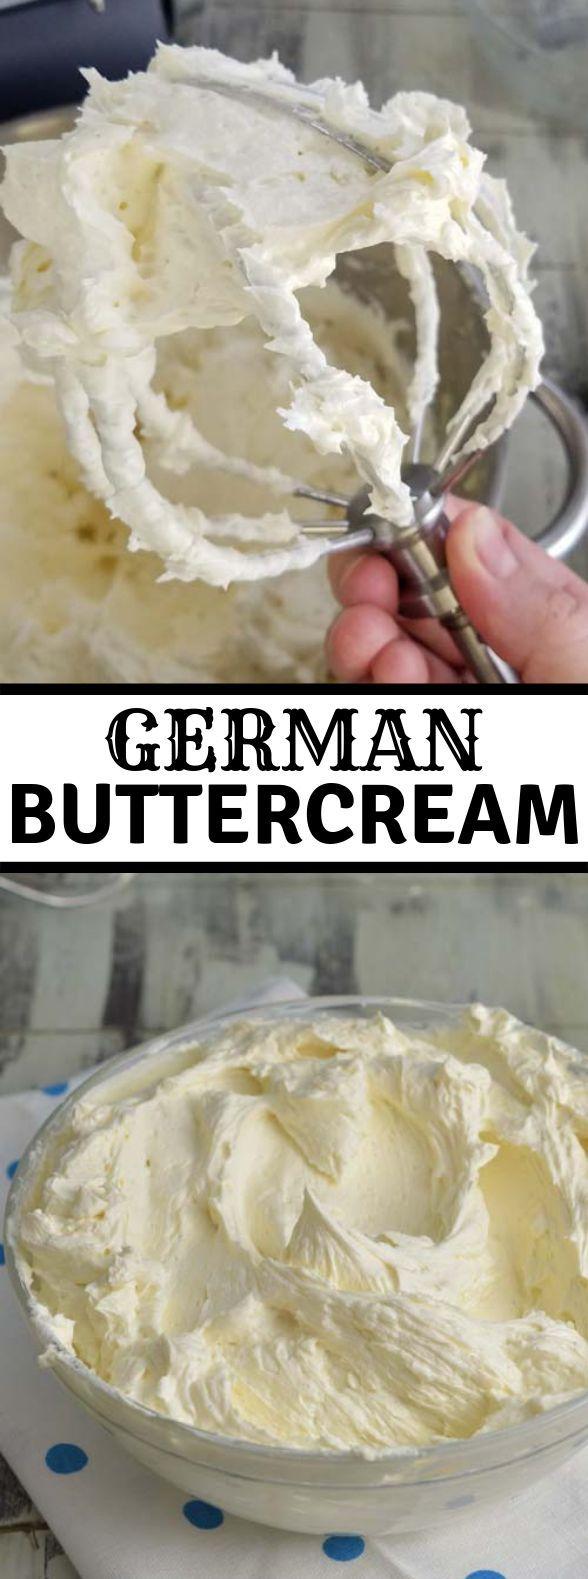 #Buttercreme #Tauen #Dessert #Deutschland #Süßigkeiten #Deutsch #icingfrosting